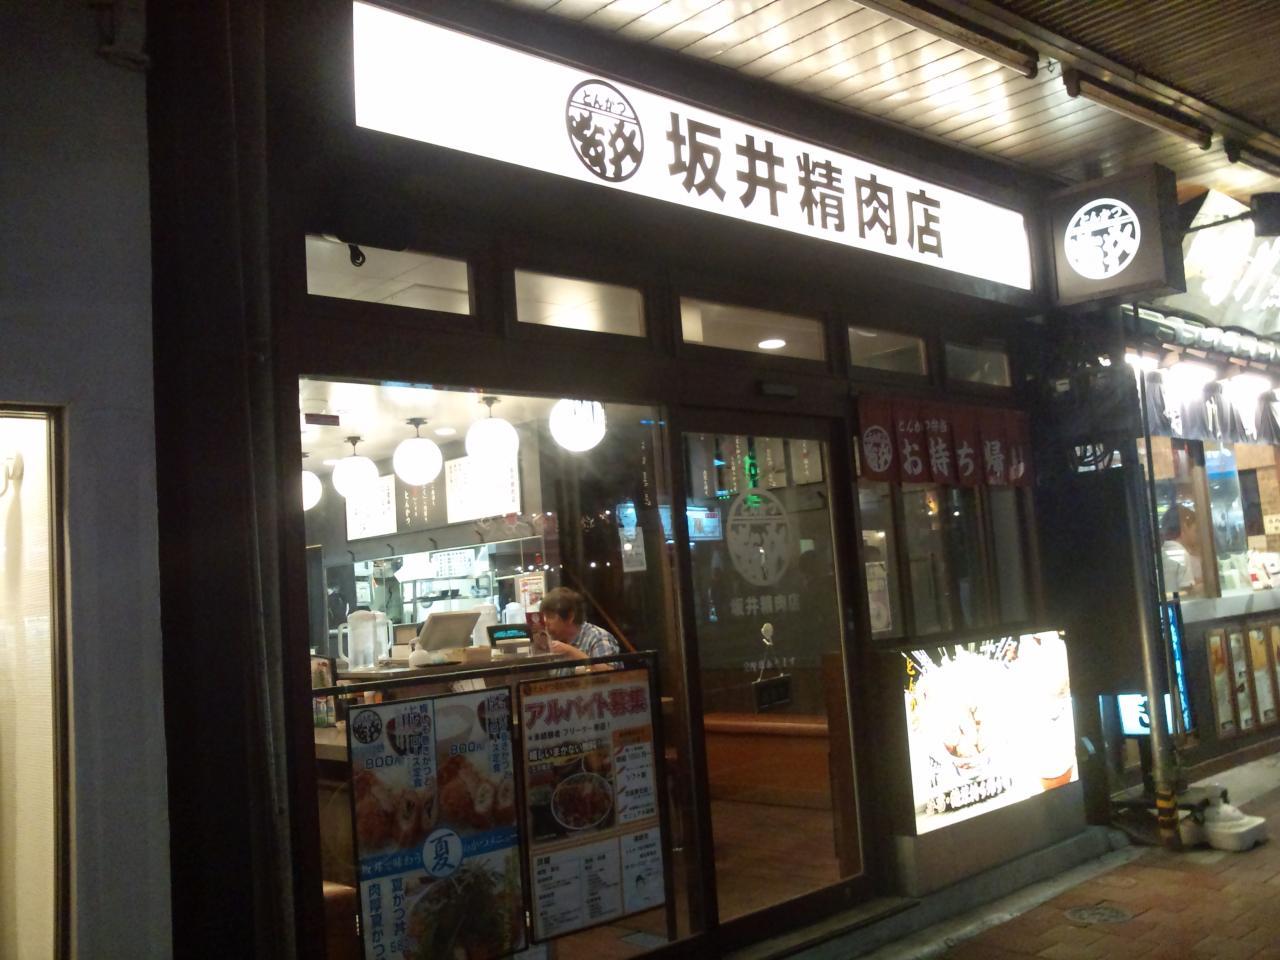 坂井精肉店高田馬場店(店舗外観)